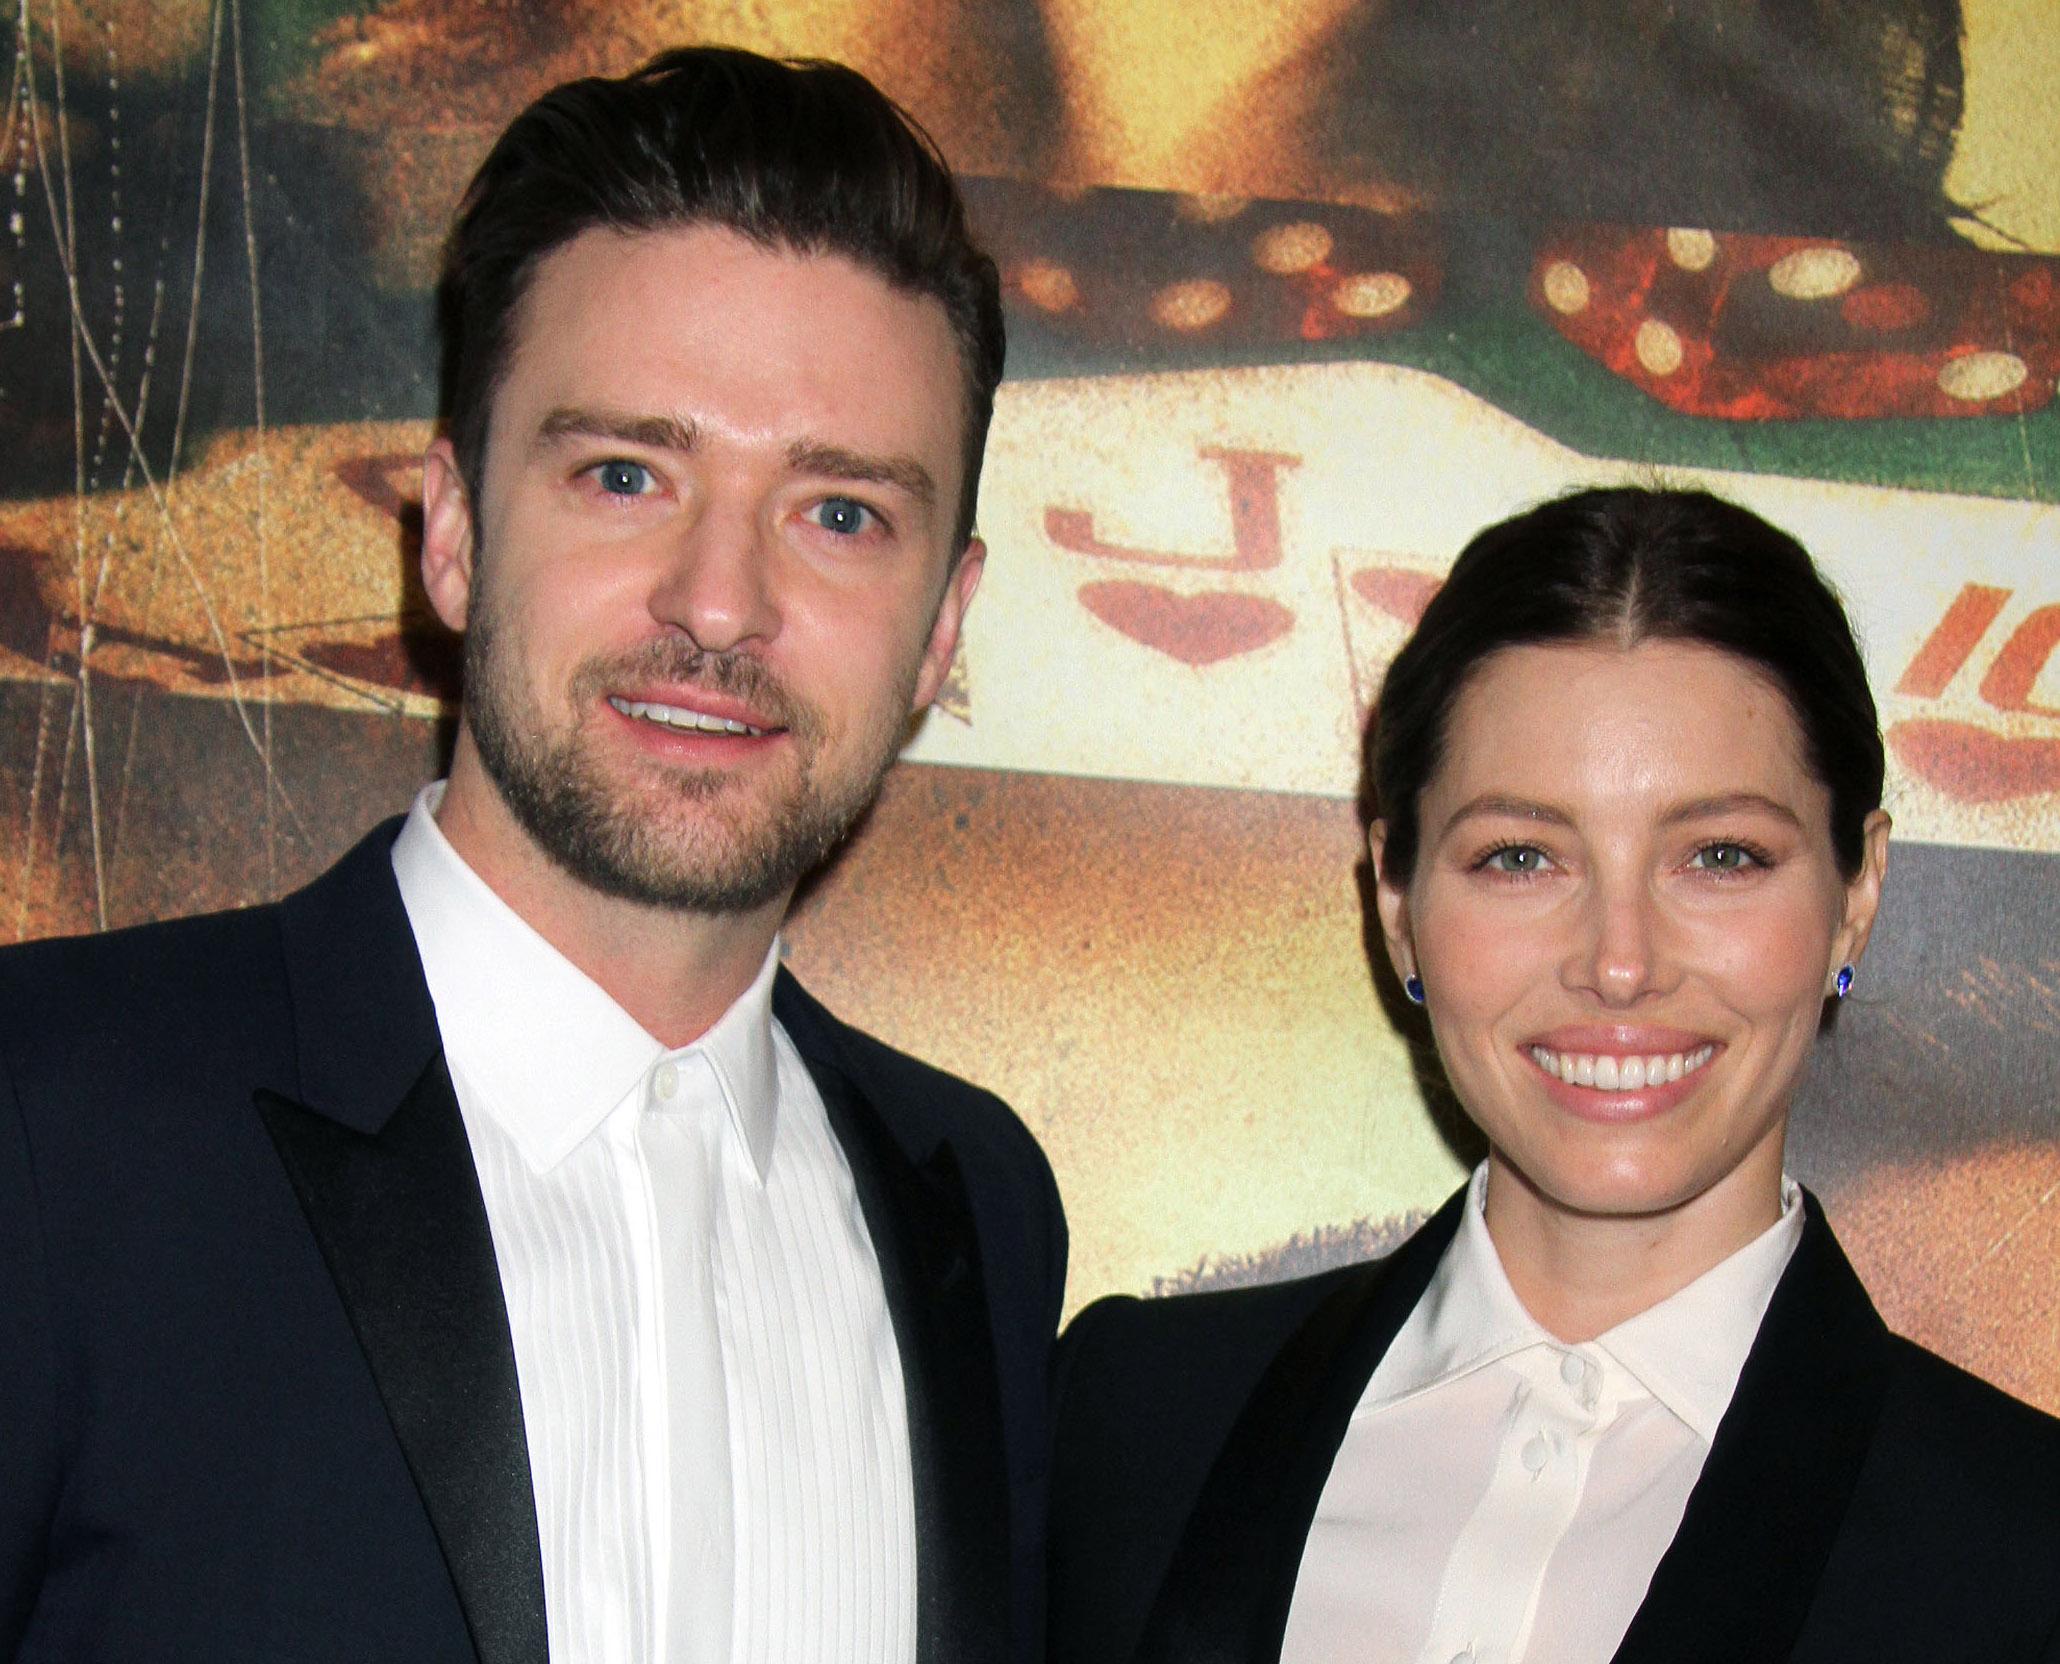 Jessica Biel and husband